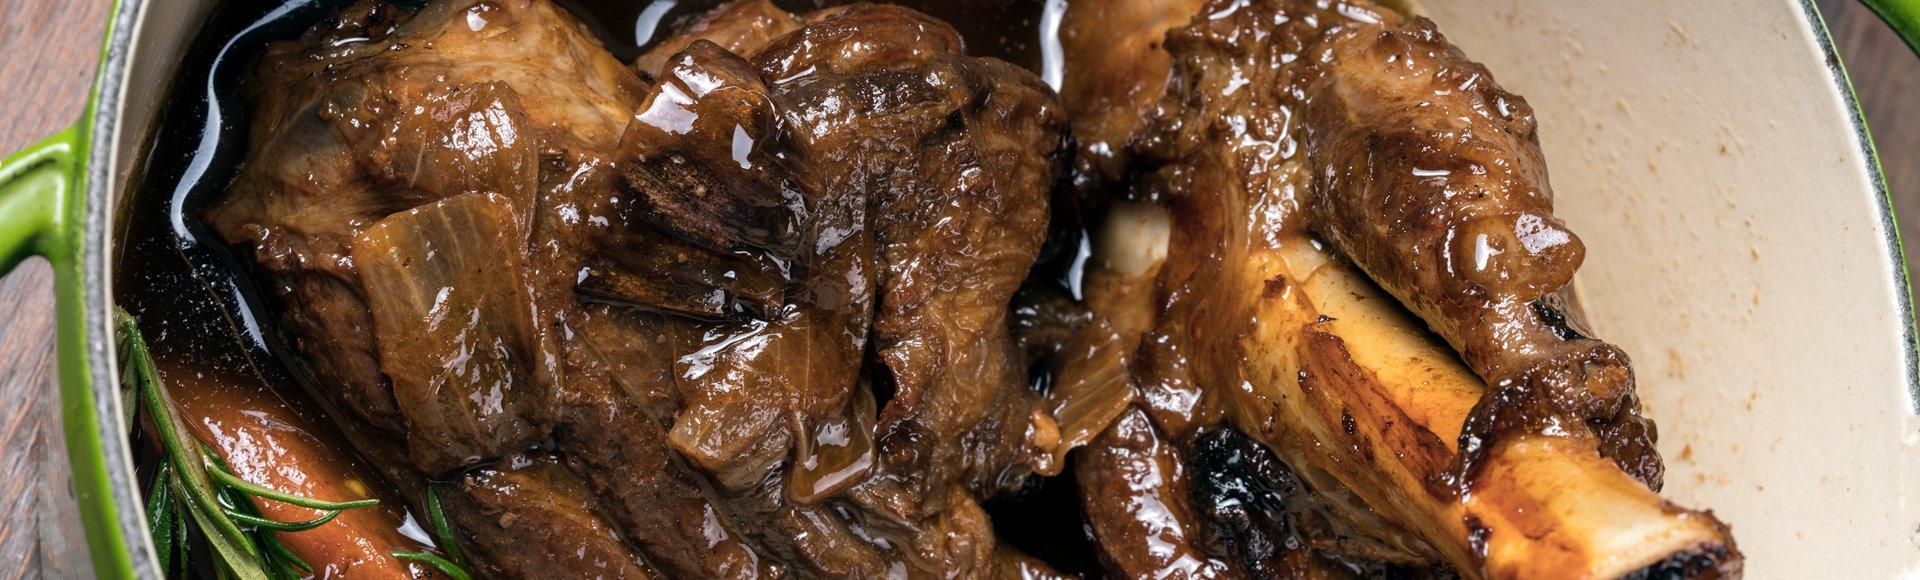 Αρνίσιο κότσι μαγειρευτό με κόκκινο κρασί και δεντρολίβανο